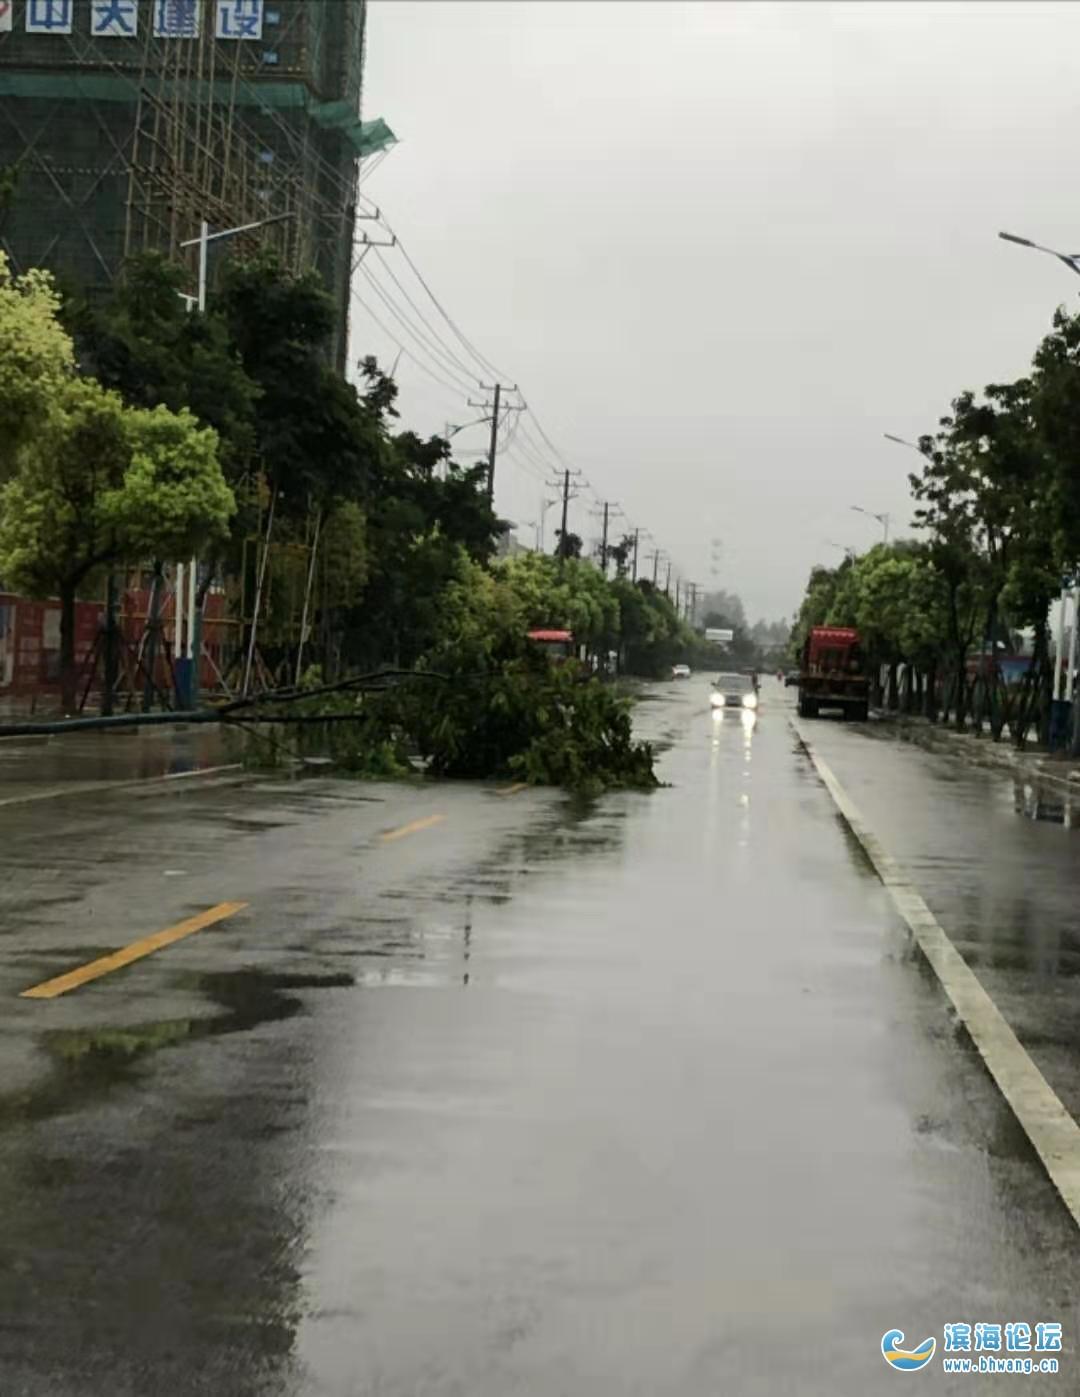 永寧路樹刮倒了也沒人問了